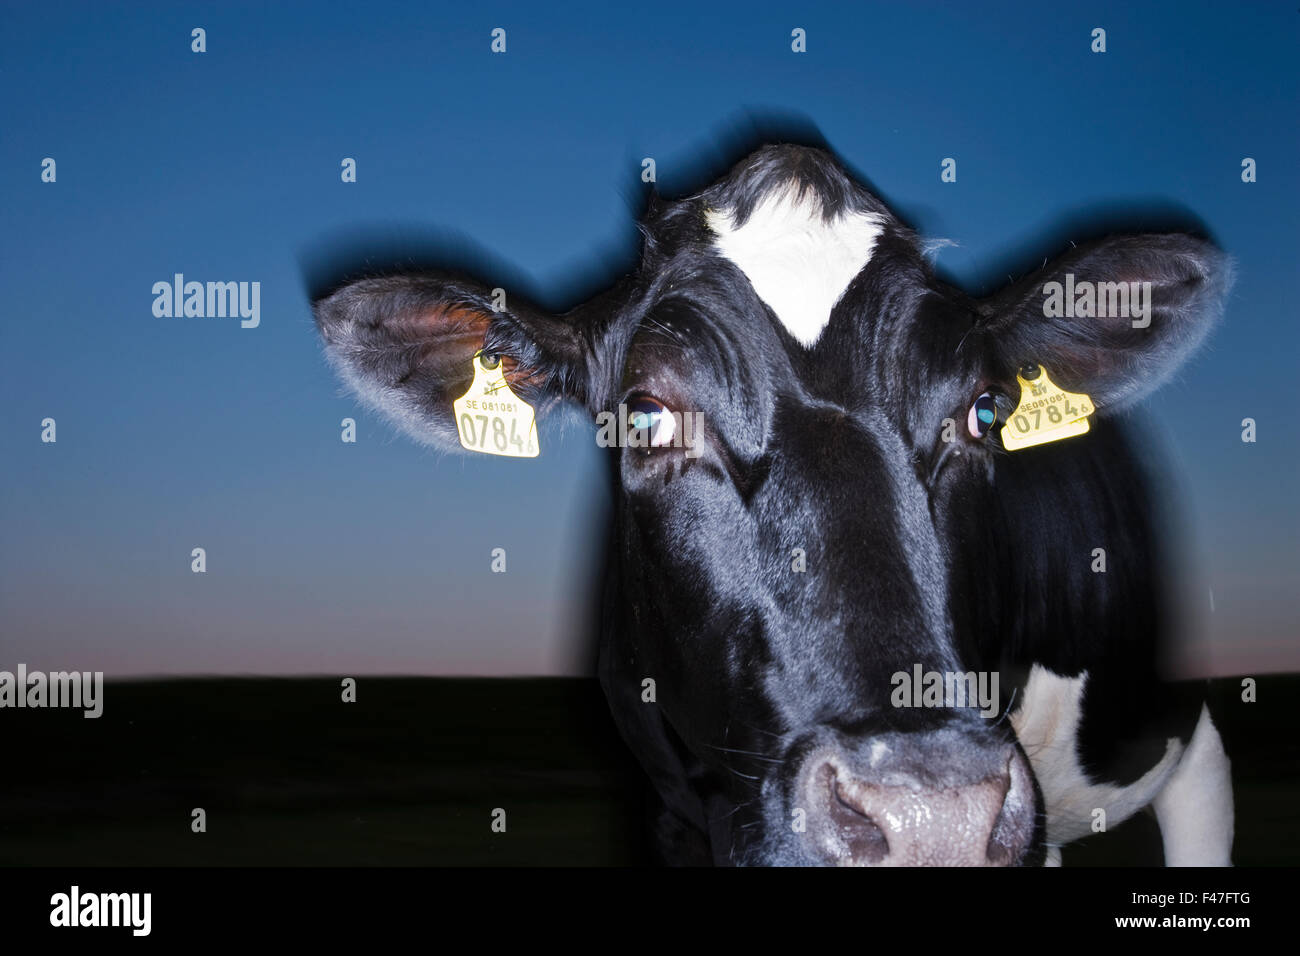 Ritratto di una mucca, Svezia. Immagini Stock